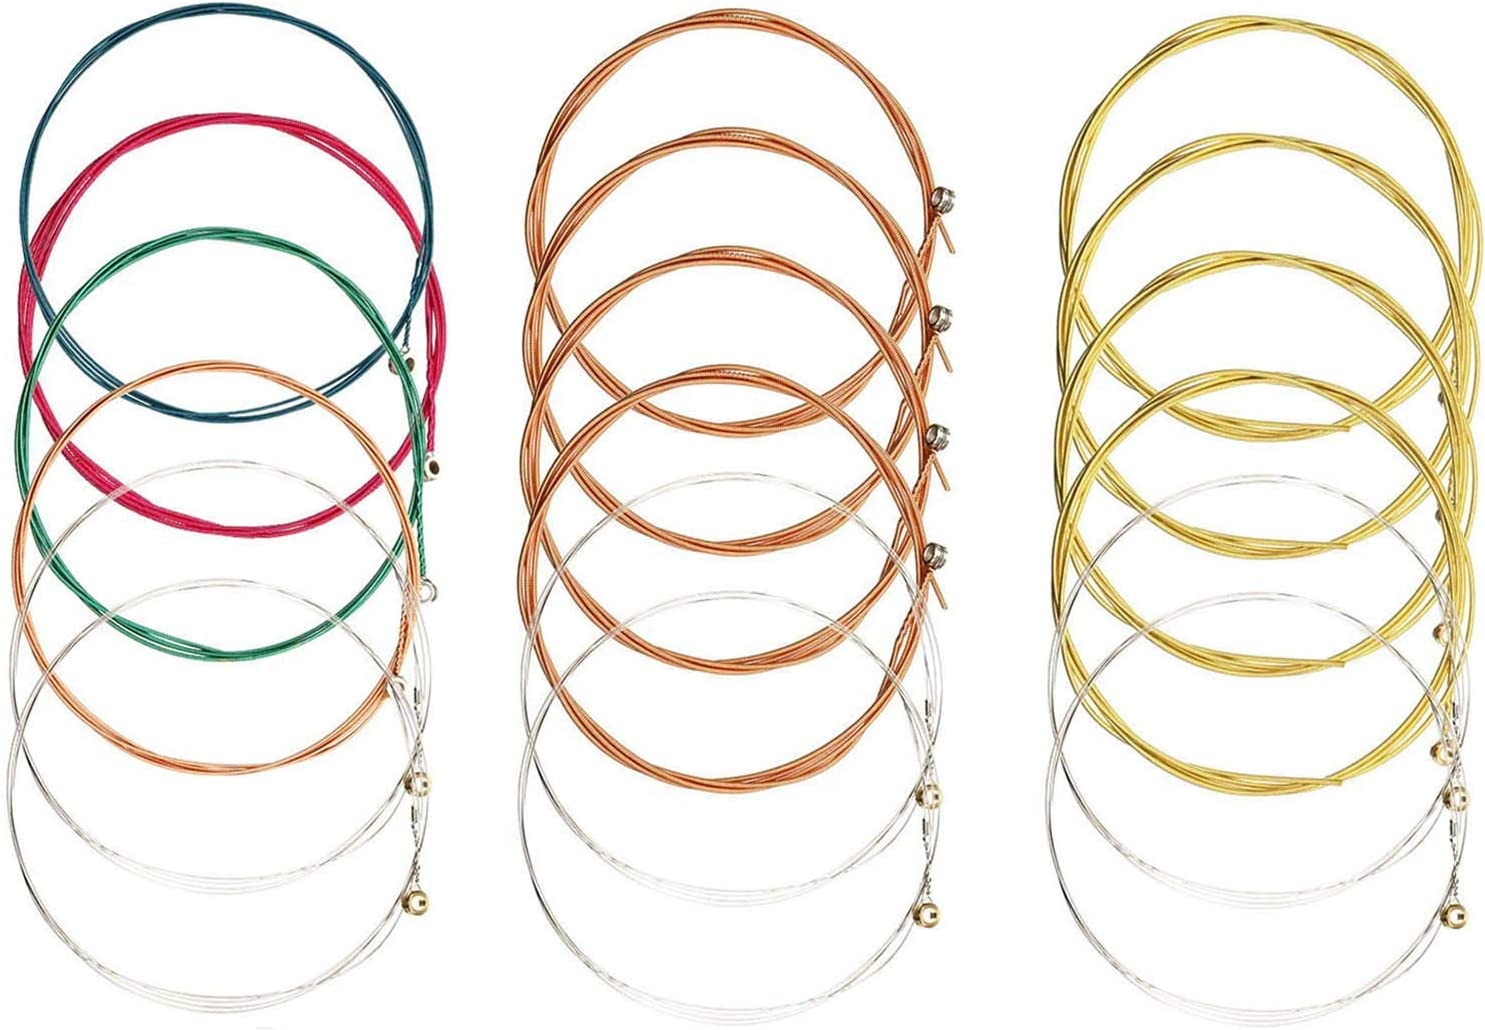 Cuerdas para guitarra acústica, 3 juegos de 6 cuerdas de guitarra de larga duración para reemplazo, paquete múltiple de cuerdas de acero (1 juego de cobre, 1 juego de latón, 1 juego de multicolor